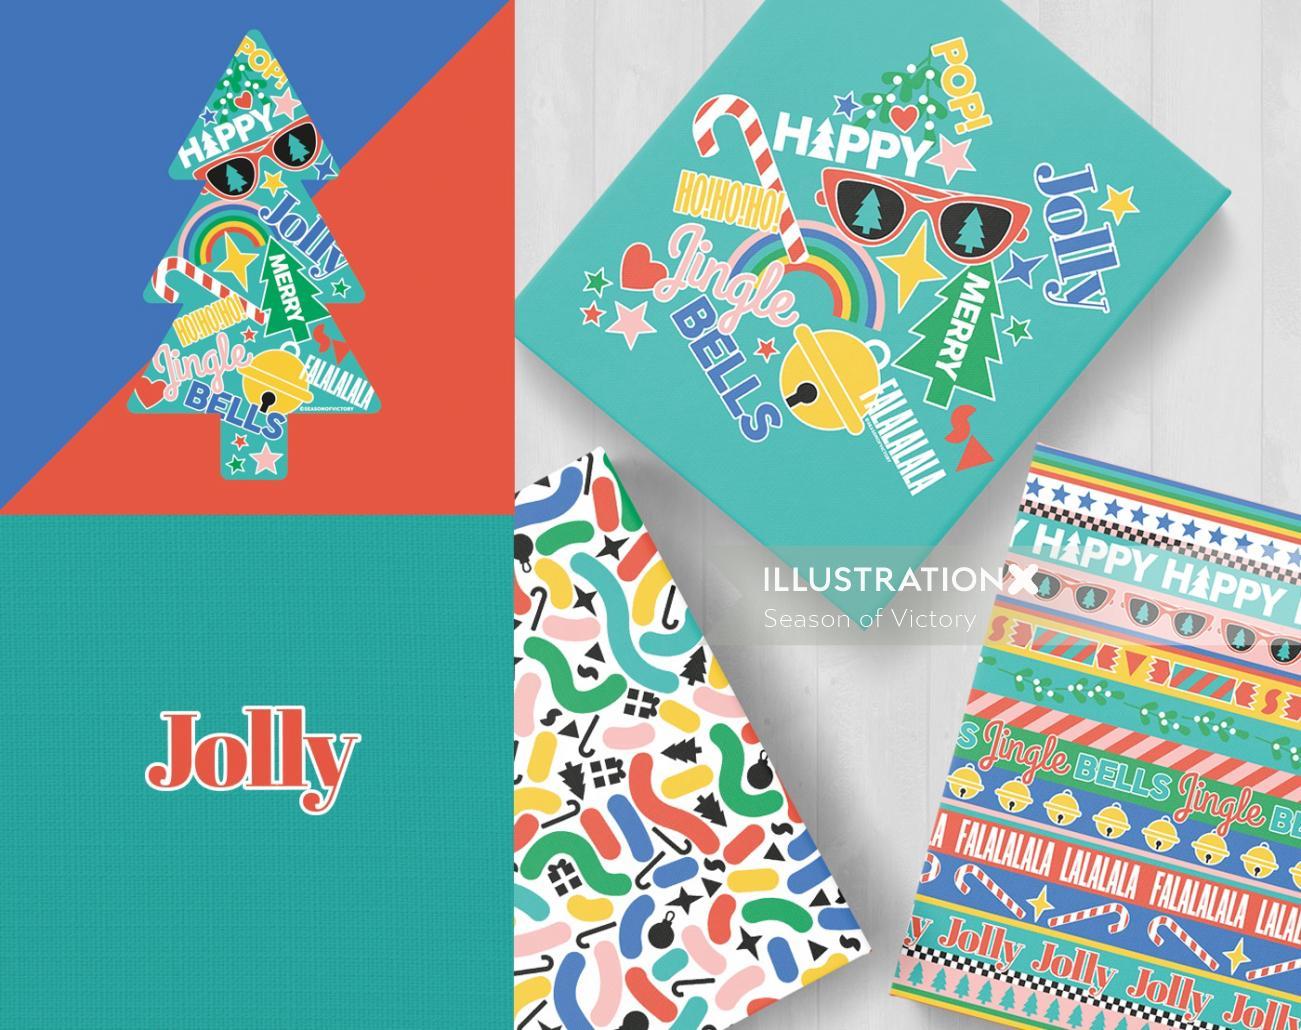 Digital painting of gift packaging